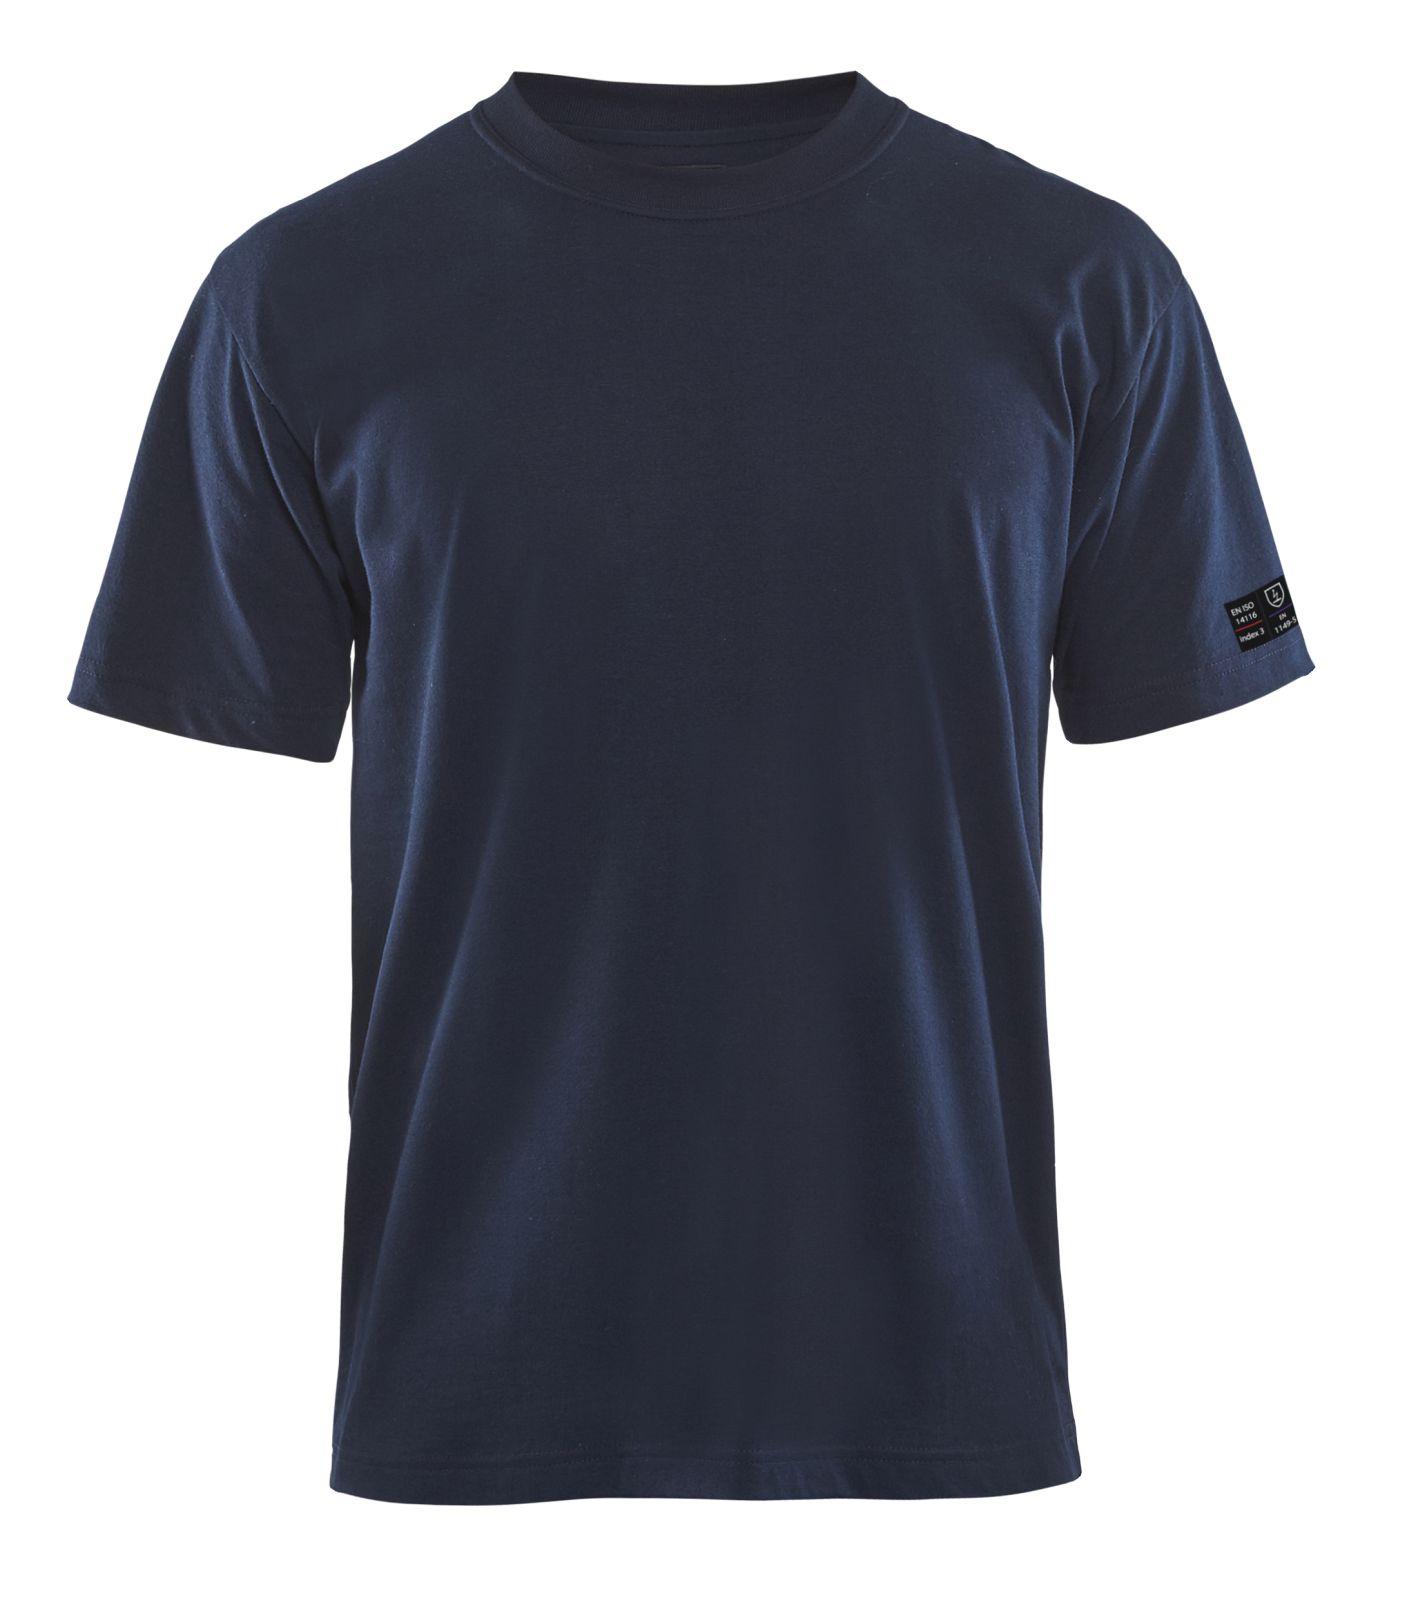 Blaklader T-shirts 34821717 Vlamvertragend marineblauw(8900)